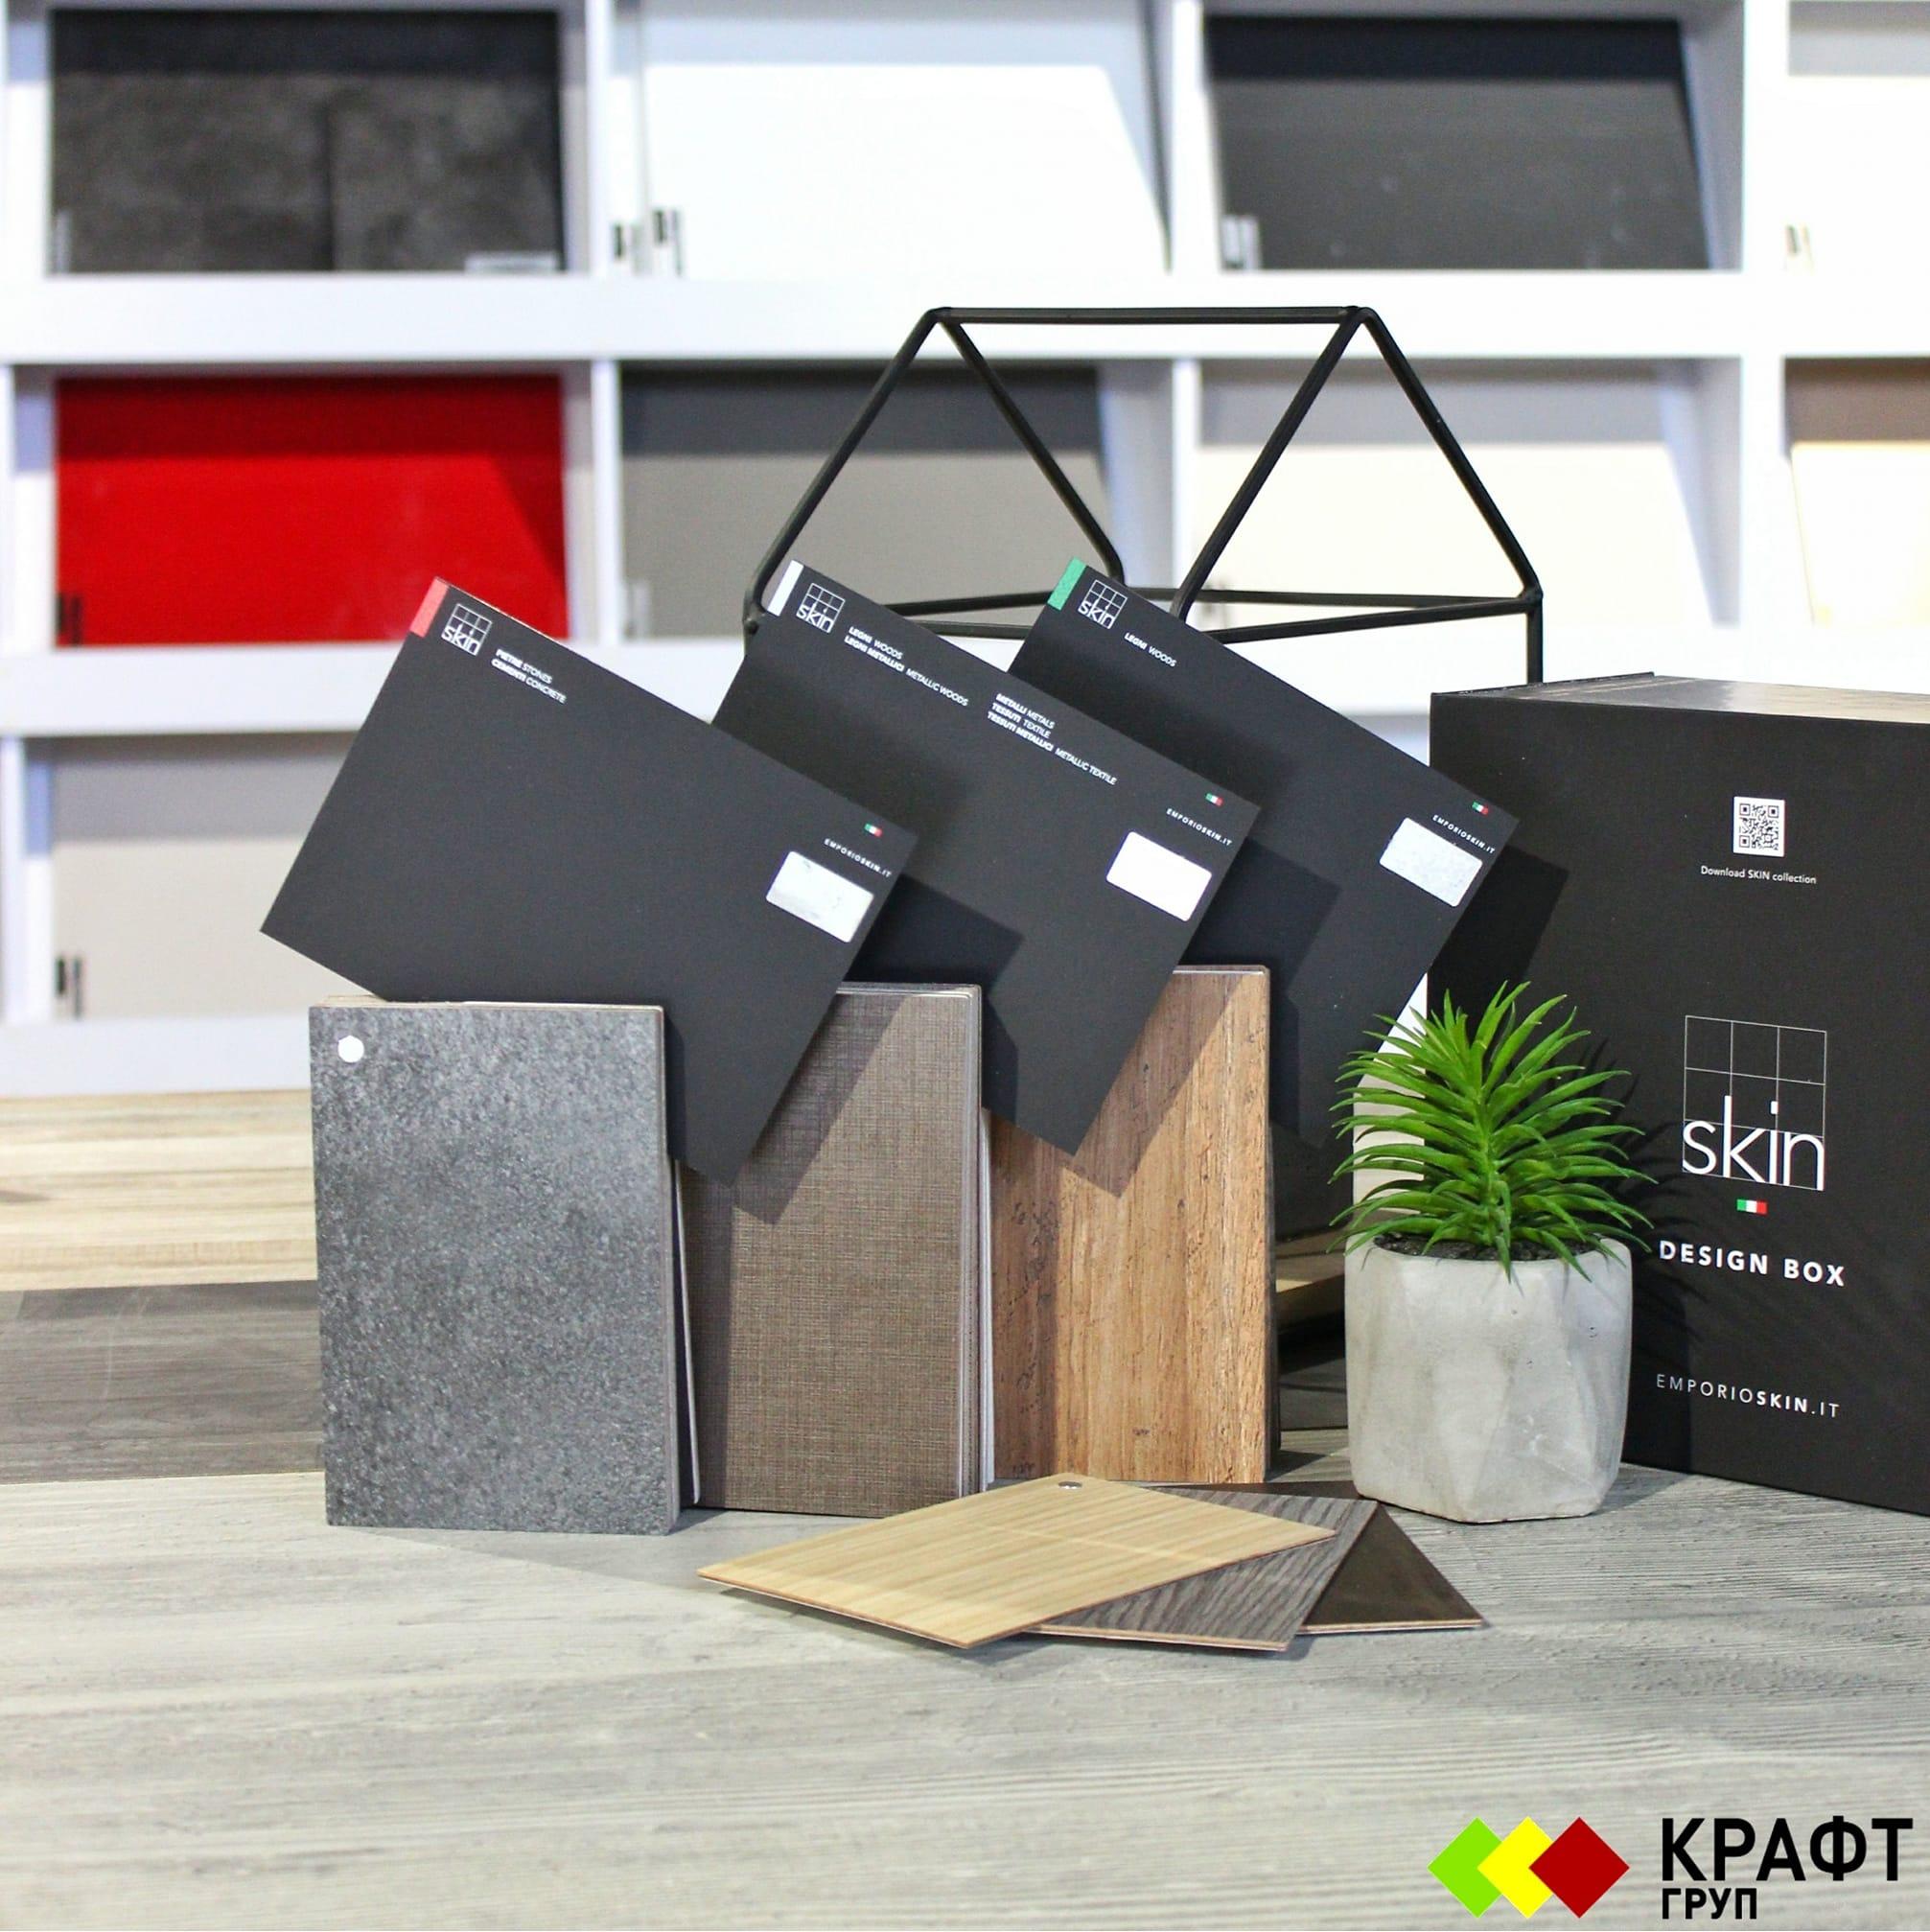 Новий design box італійських панелей Skin від AGT plus!